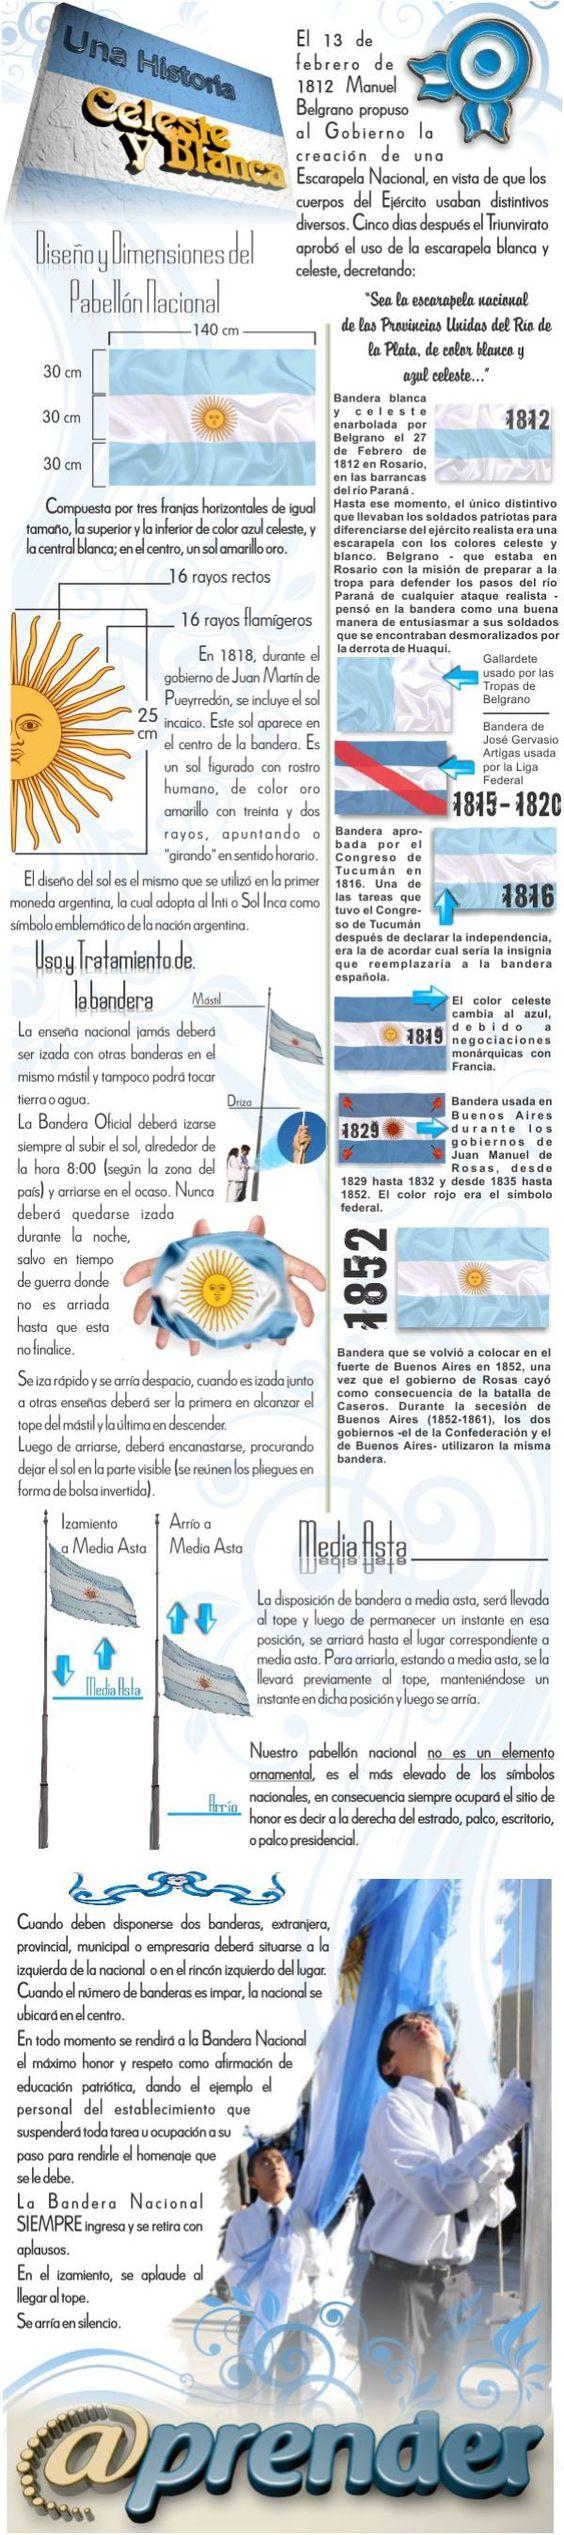 souvenirs y adornos día de la bandera argentina (11)